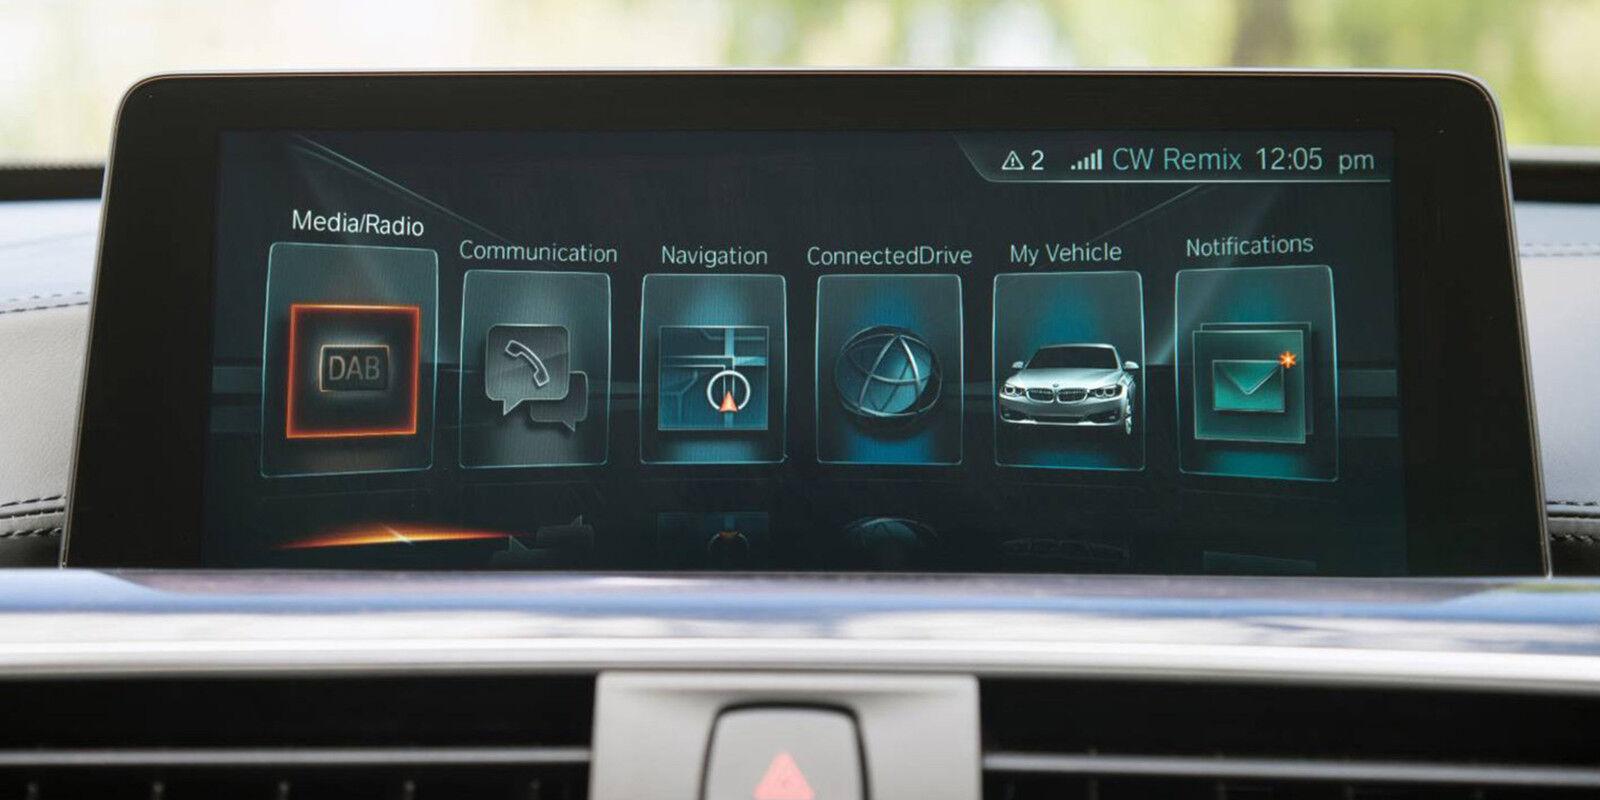 BMW NAVIGATION UPDATES